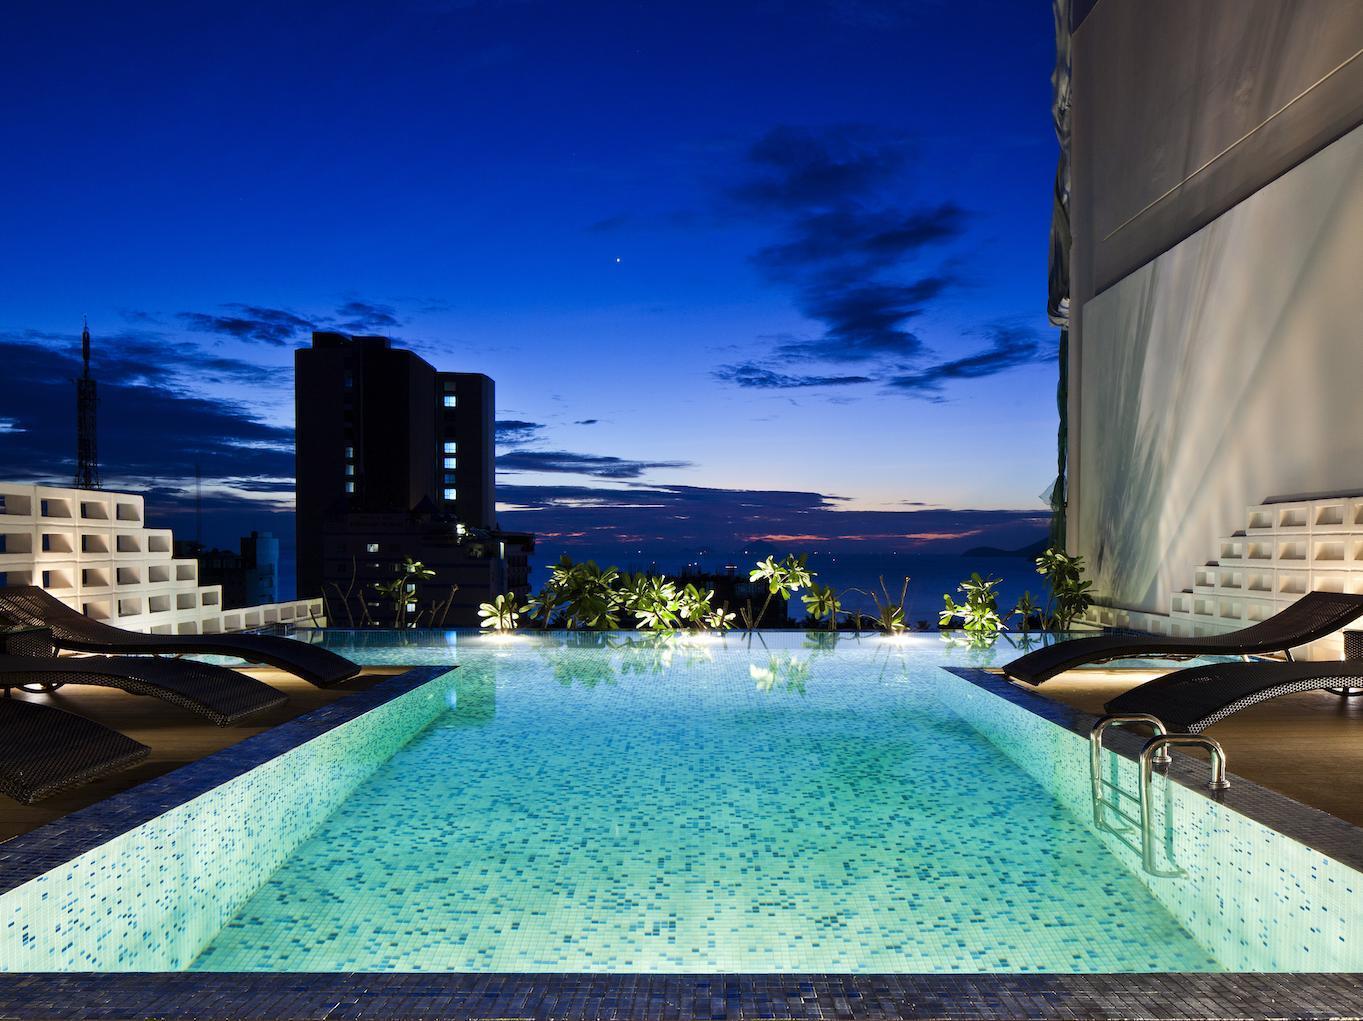 Golden Holiday Hotel Nha Trang